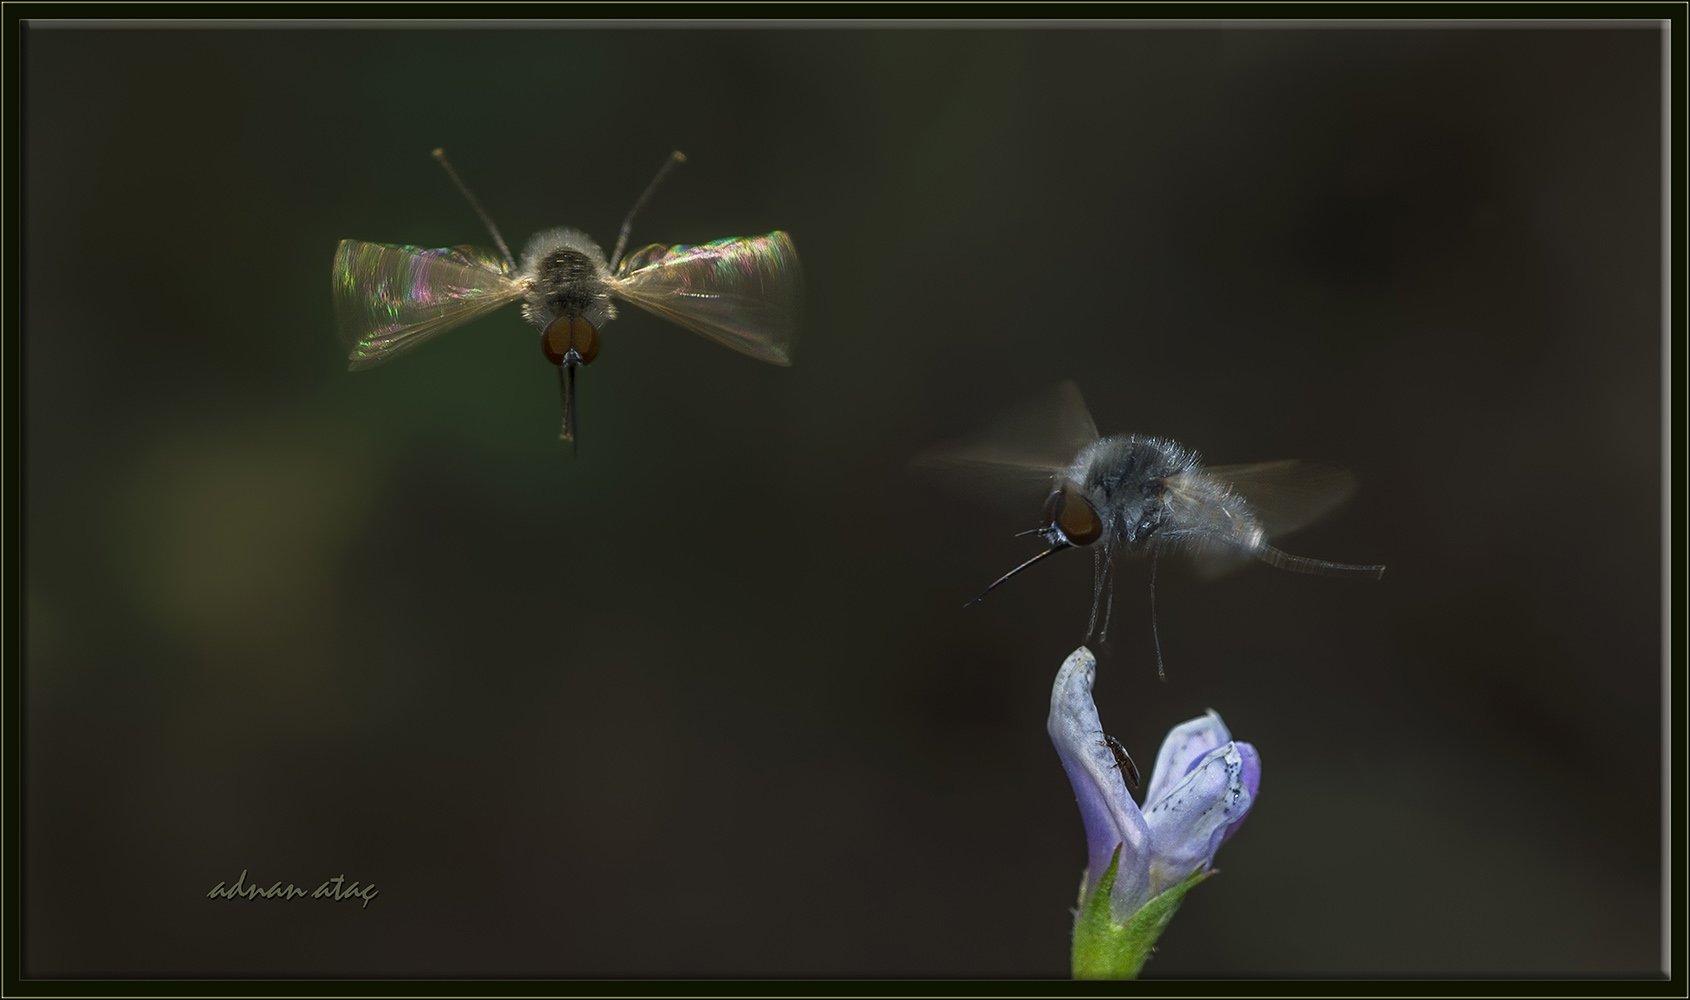 Arı sineği - Bombylius major (Ankara 2014) 2